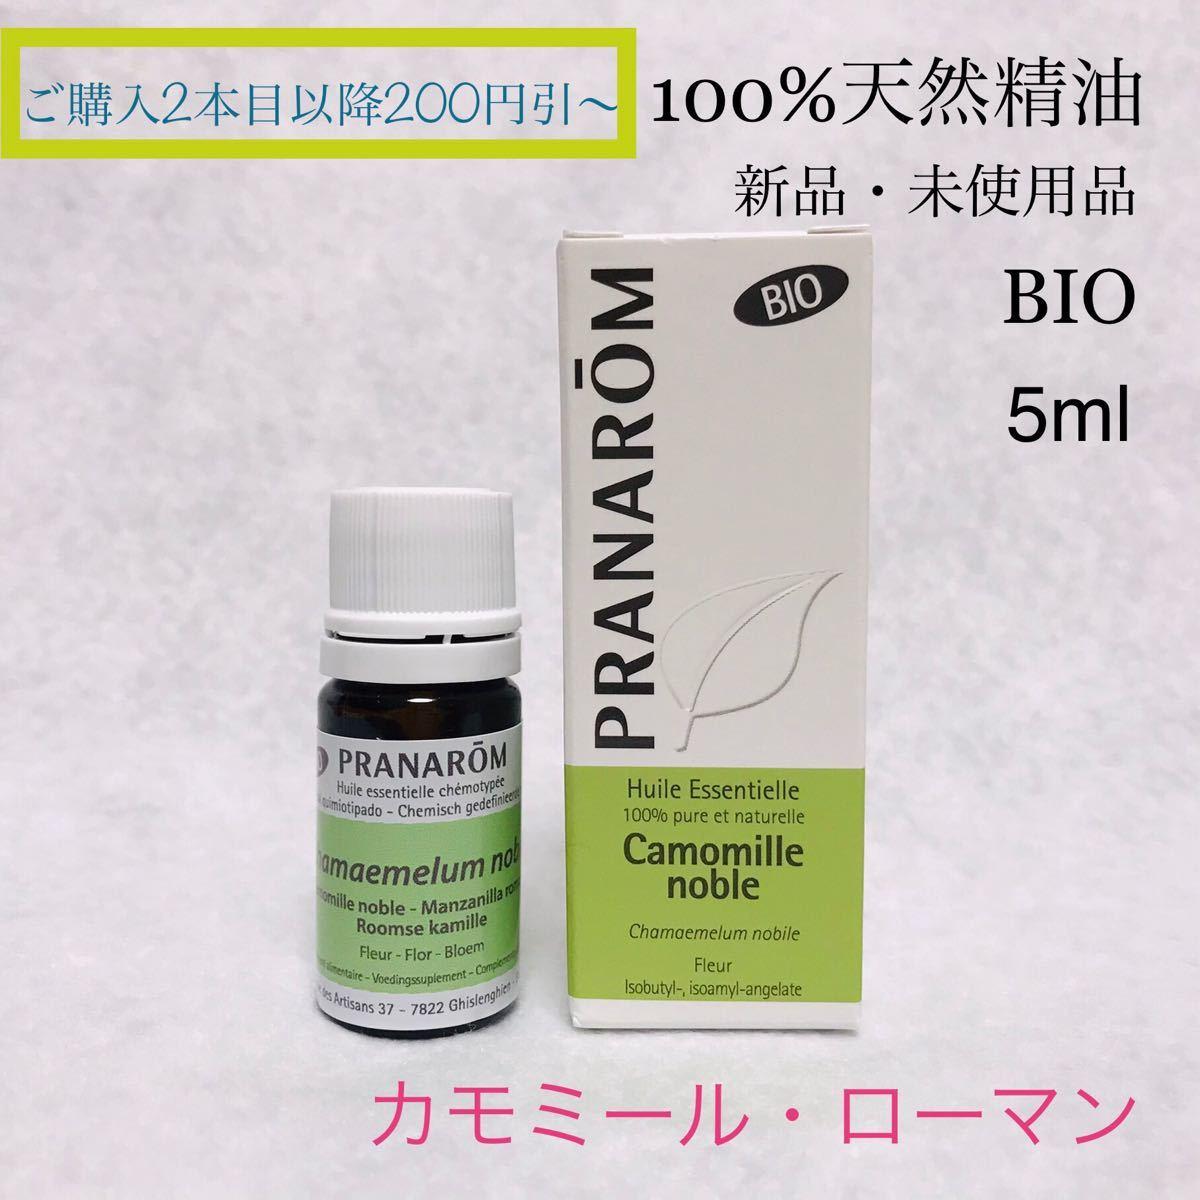 新品プラナロム100%天然精油BIOカモミール・ローマン5ml